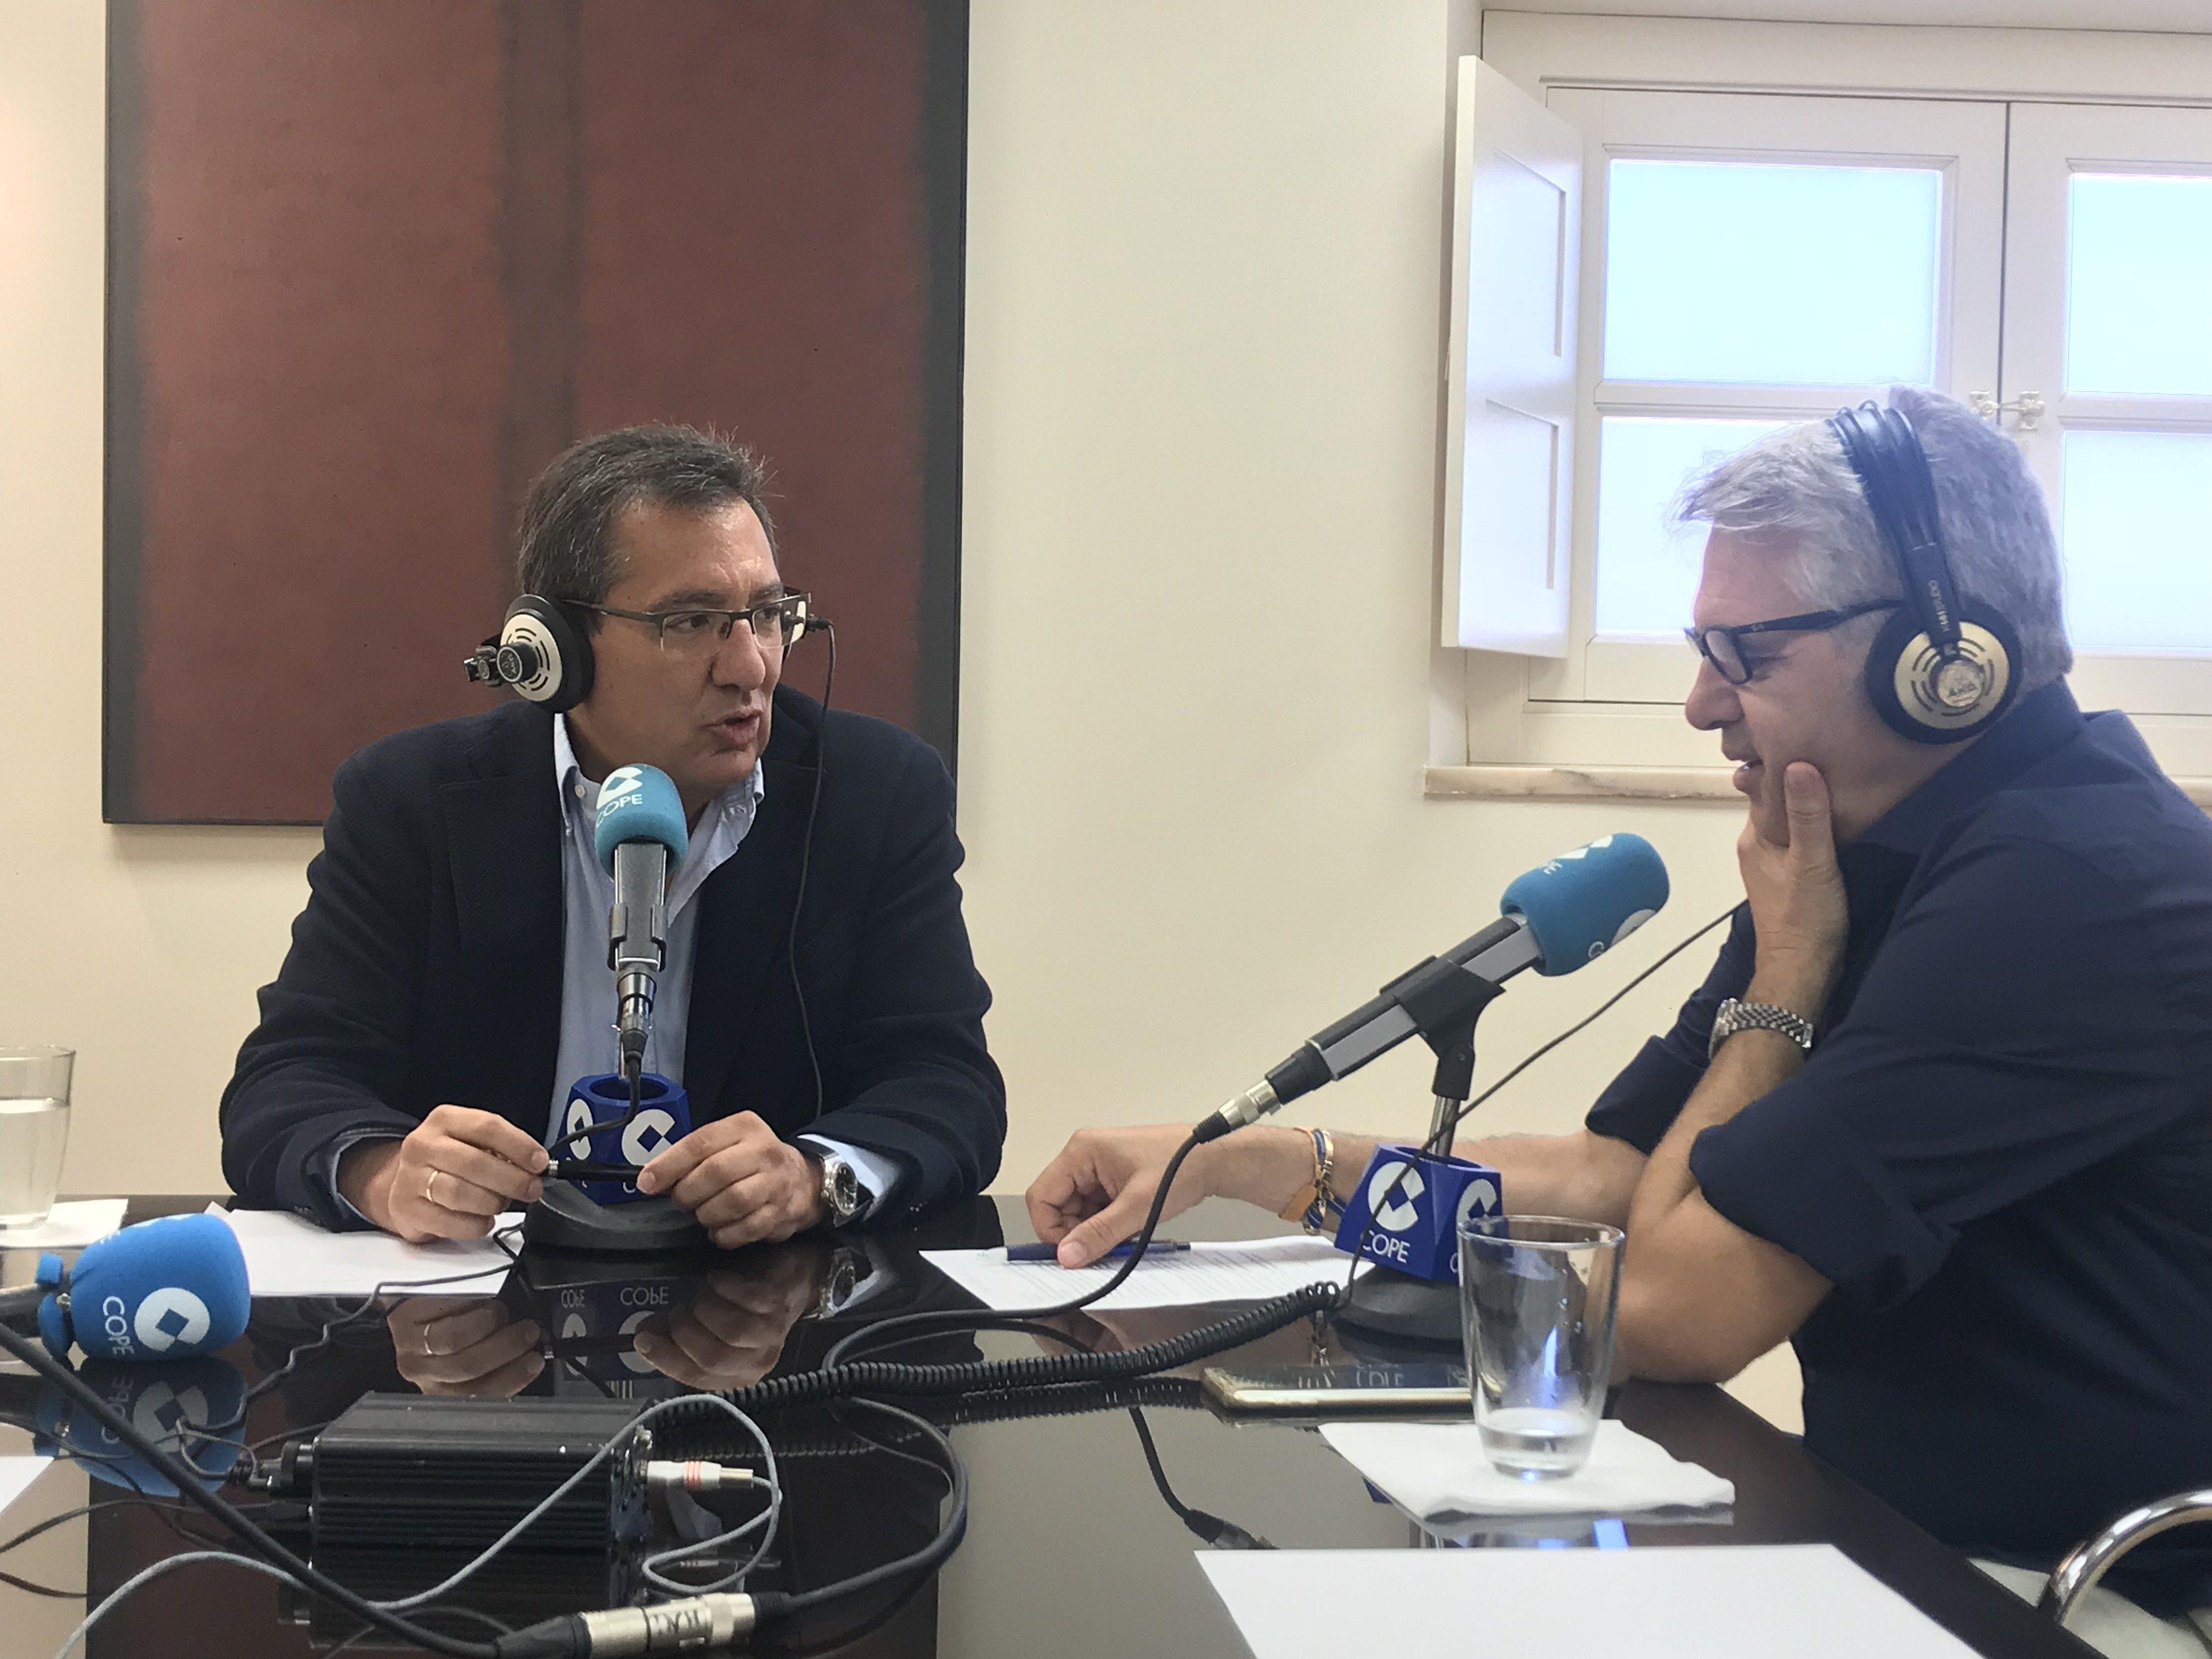 La sede de la Fundación Cajasol ha acogido la emisión en directo del programa radiofónico La Mañana de Herrera en Cope + Sevilla con Agustín Bravo.